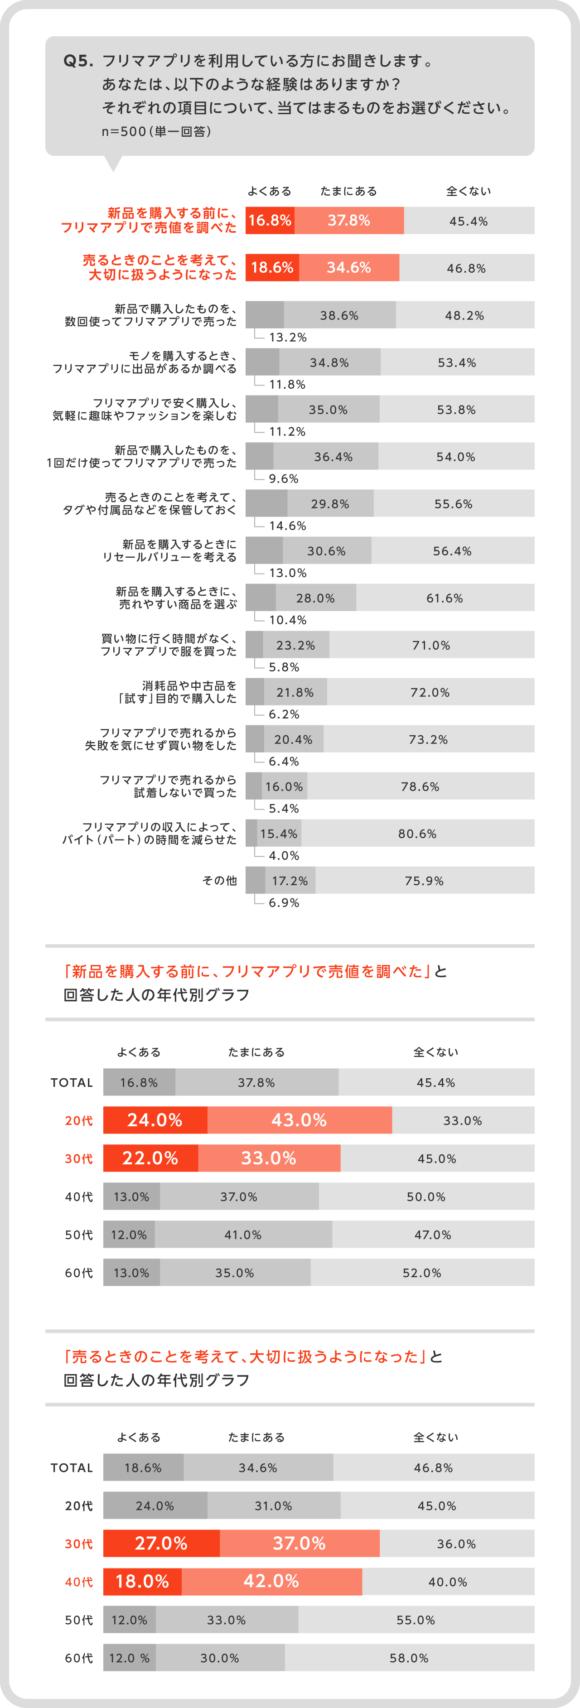 フリマアプリ利用者の経験(メルカリ調べ)